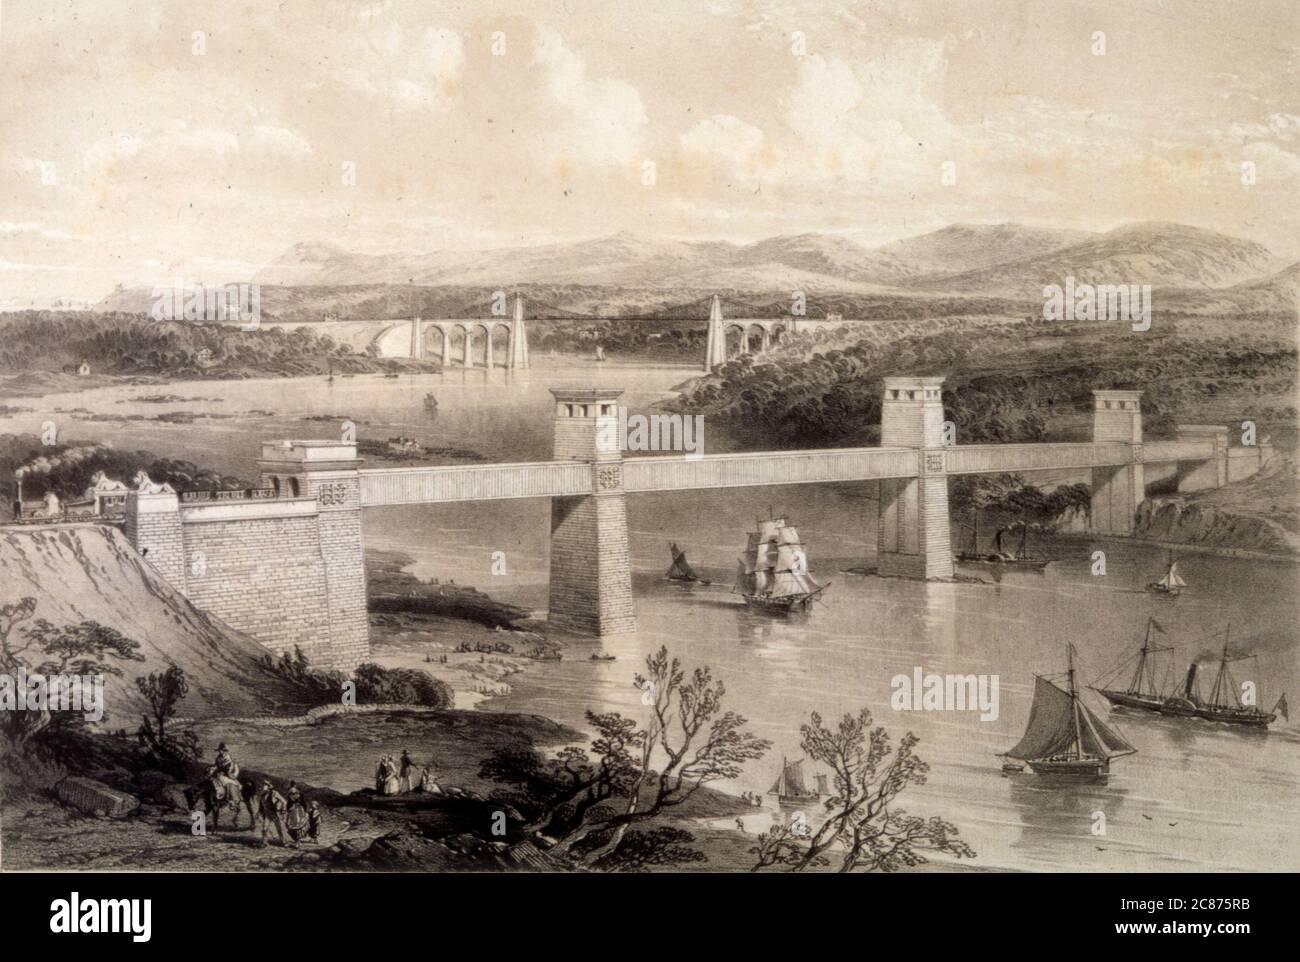 Navires passant sous la suspension de Menai et le pont tubulaire construit par Thomas Telford, ouvert en janvier 1826. Date: 1852 Banque D'Images